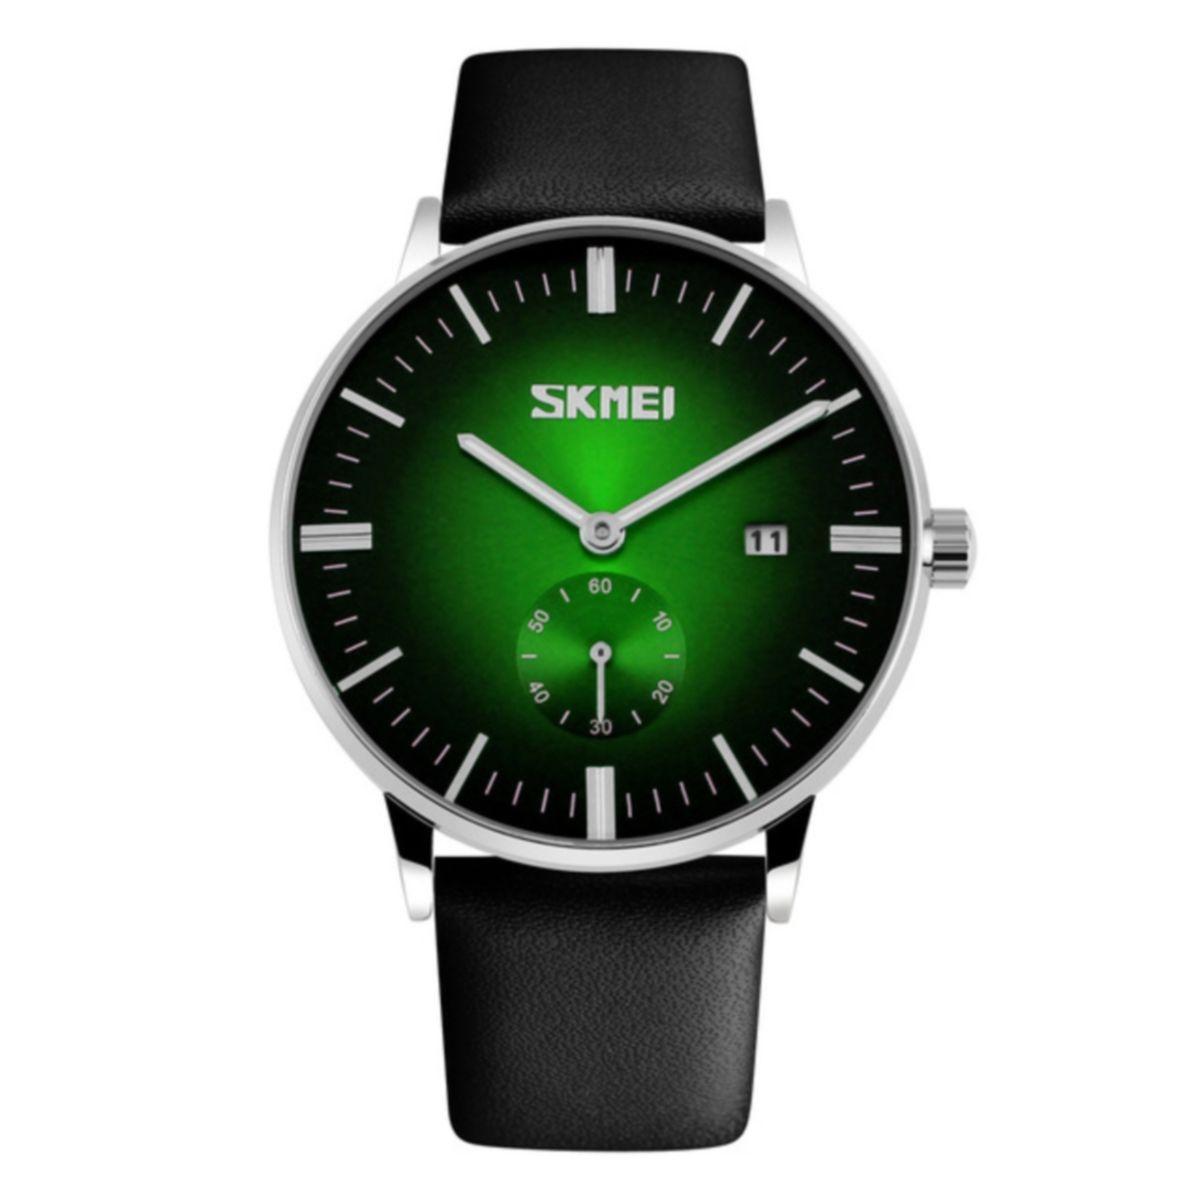 Часы Skmei 9083 BK- Green Dail BOX (9083BOXBKG)